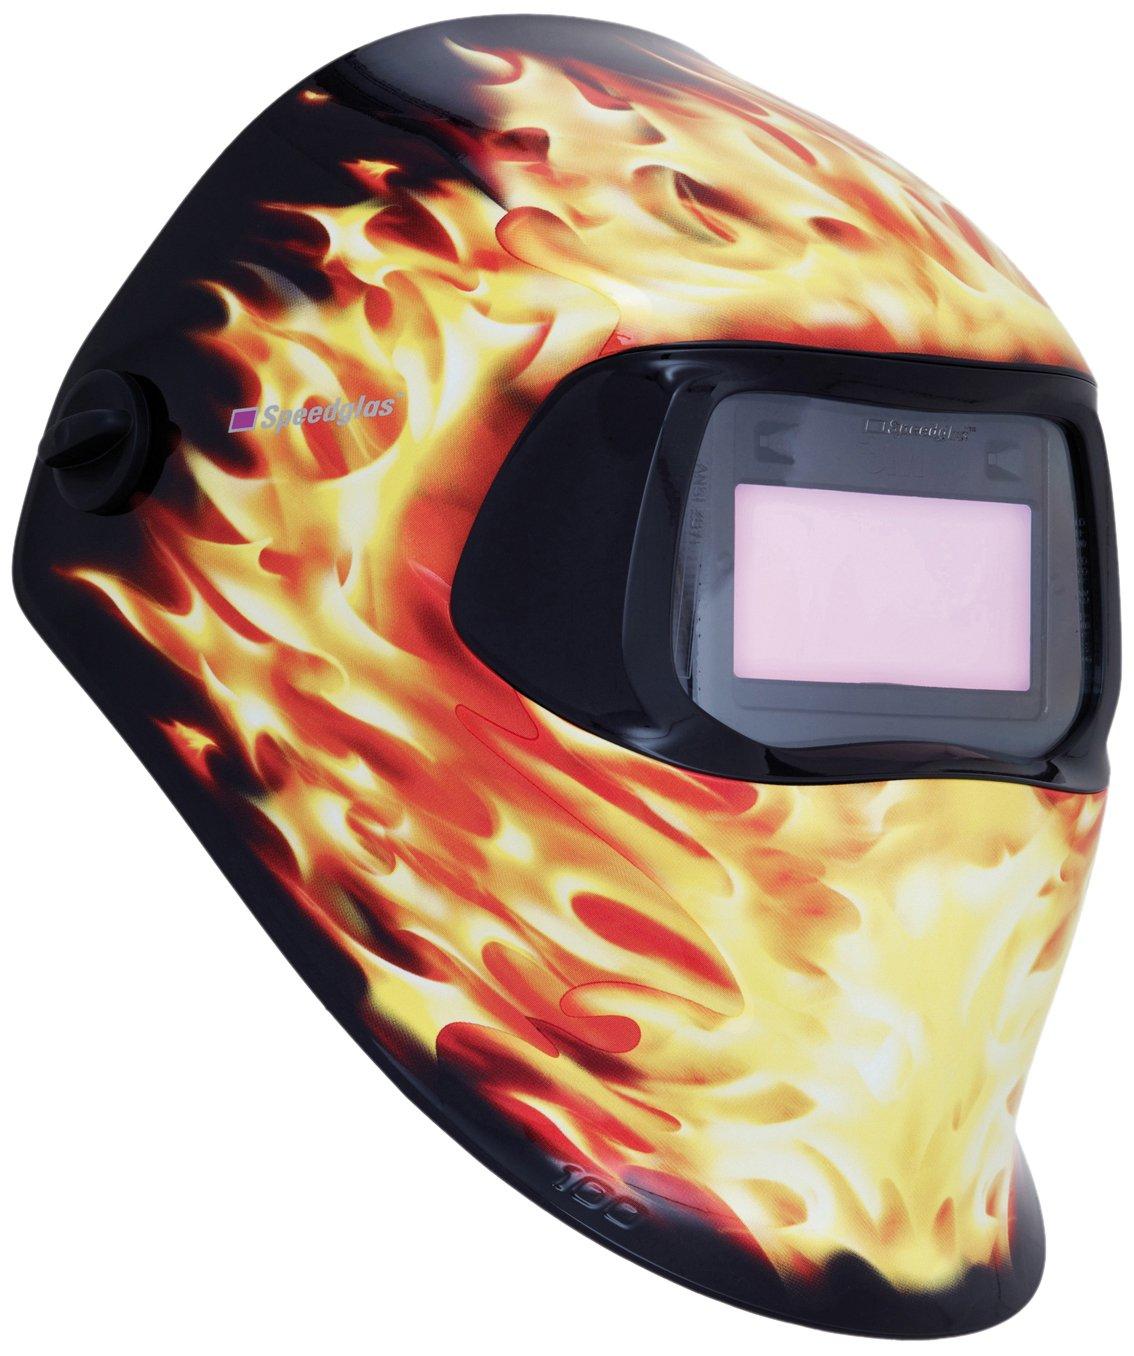 3M Speedglas 100V Blaze, Schweißmaske, H751220  BaumarktKritiken und weitere Informationen